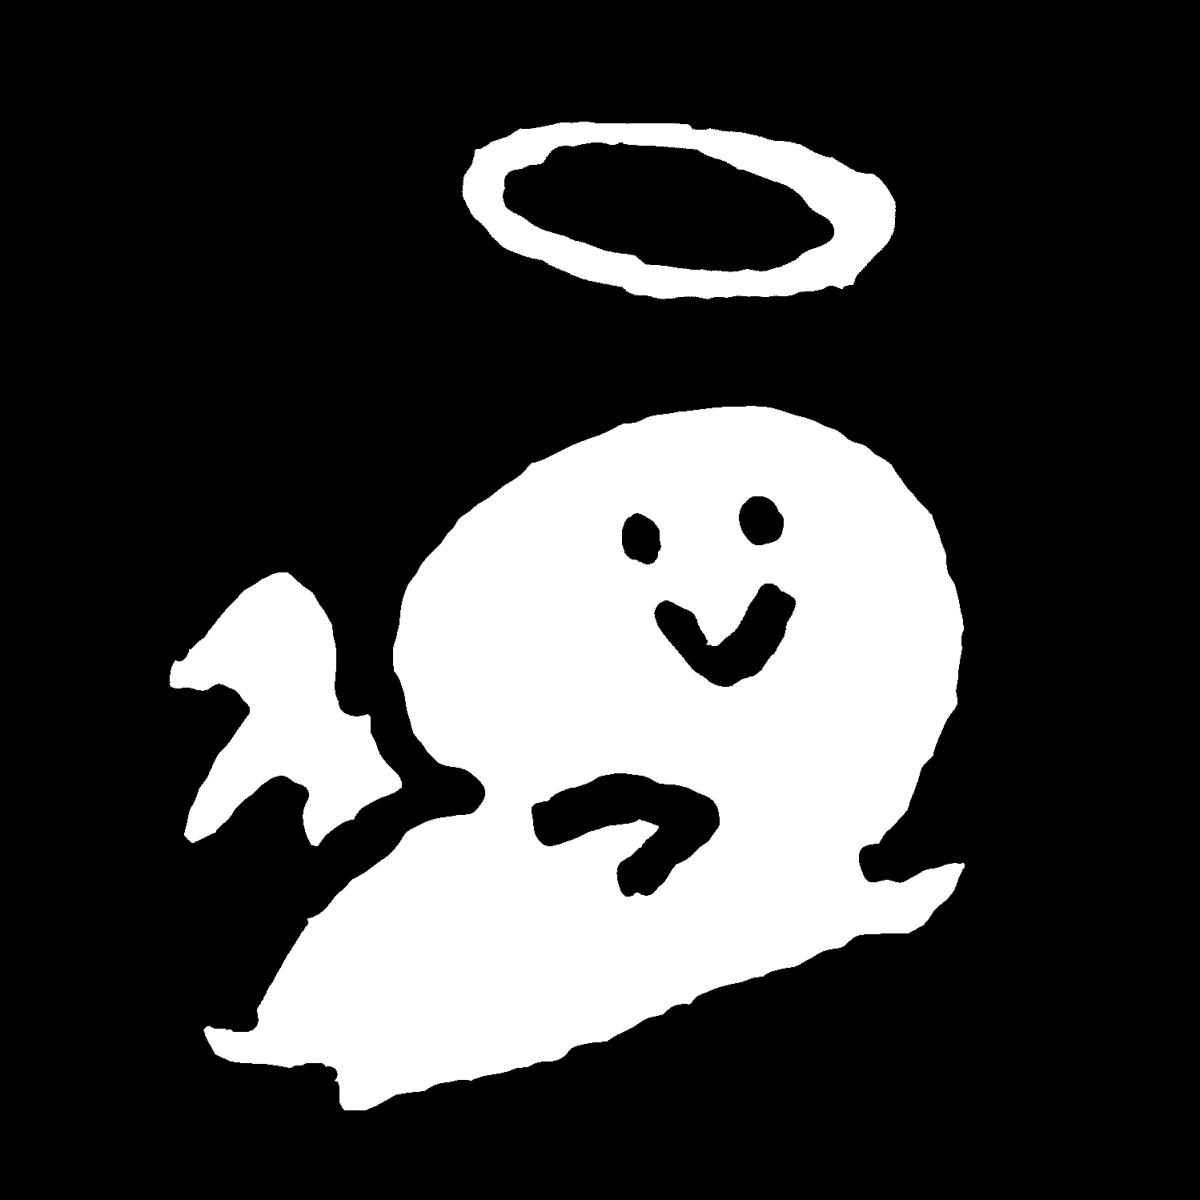 飛ぶ天使(3種)のイラスト / Flying angel (3 types) Illustration